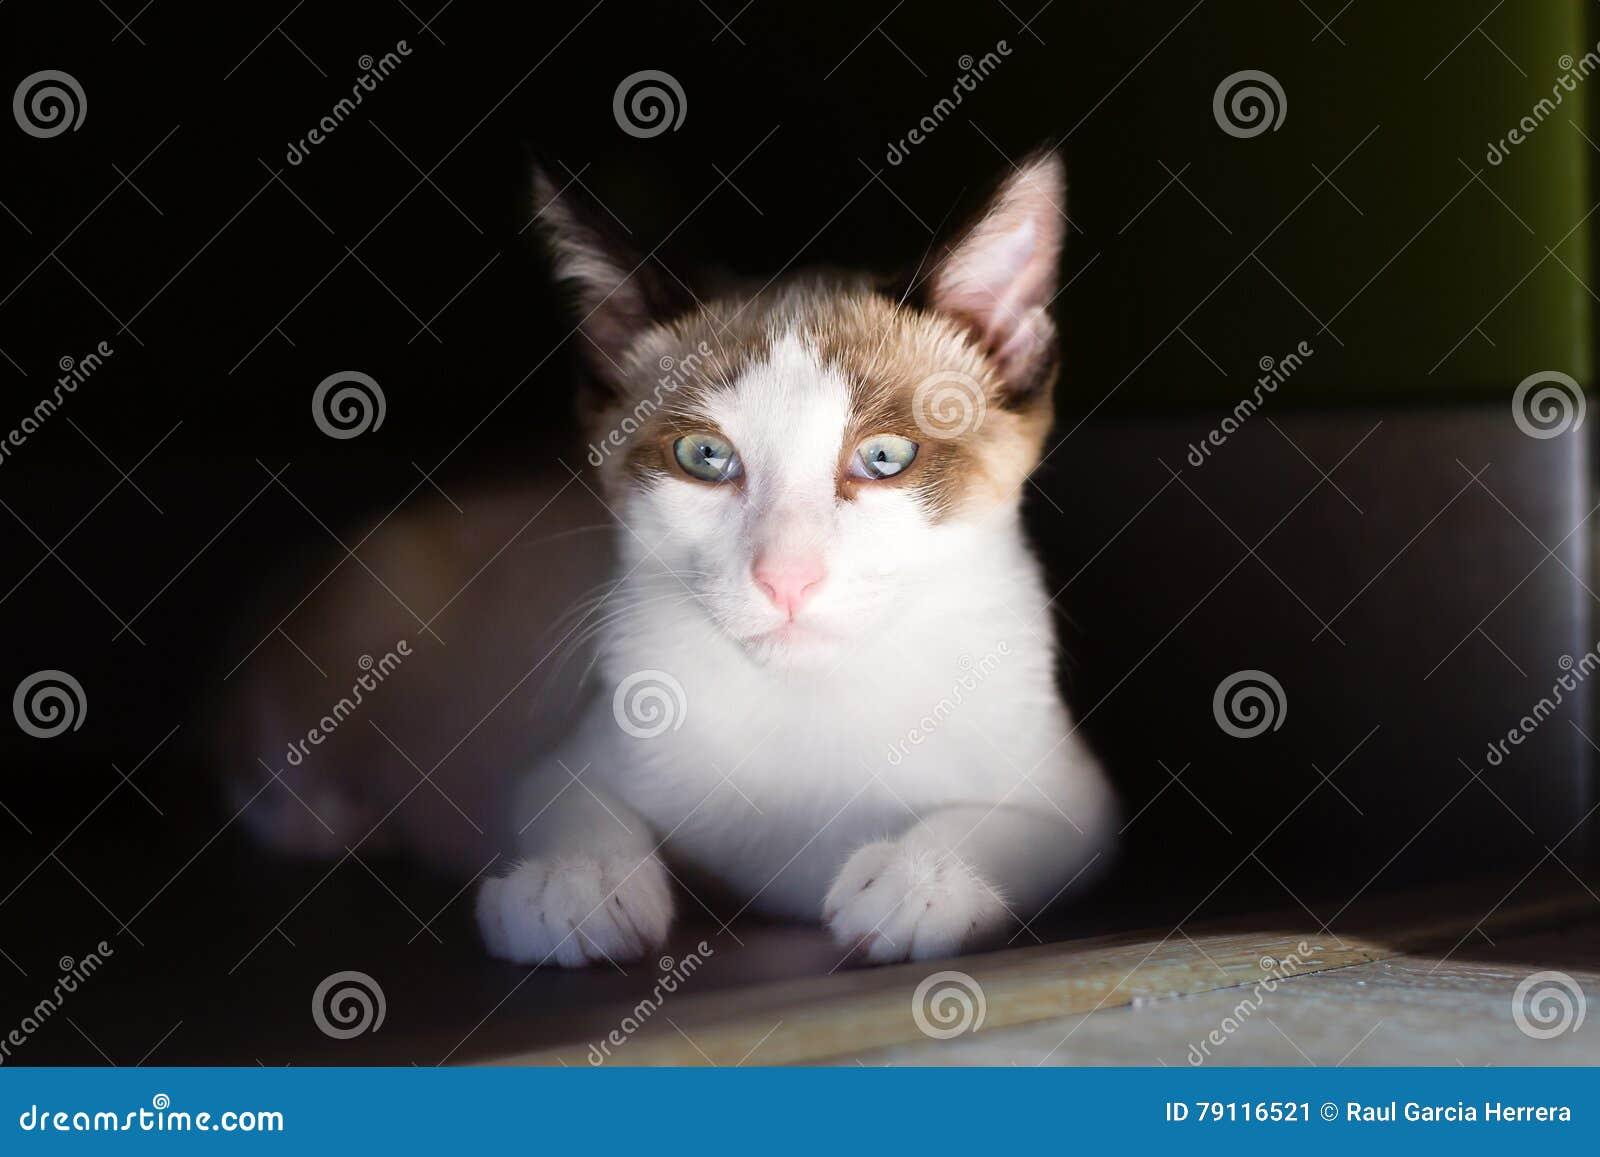 d590fc2db32e Πορτρέτο της ανοικτό καφέ και άσπρης γάτας που απομονώνεται στο σκοτεινό  υπόβαθρο